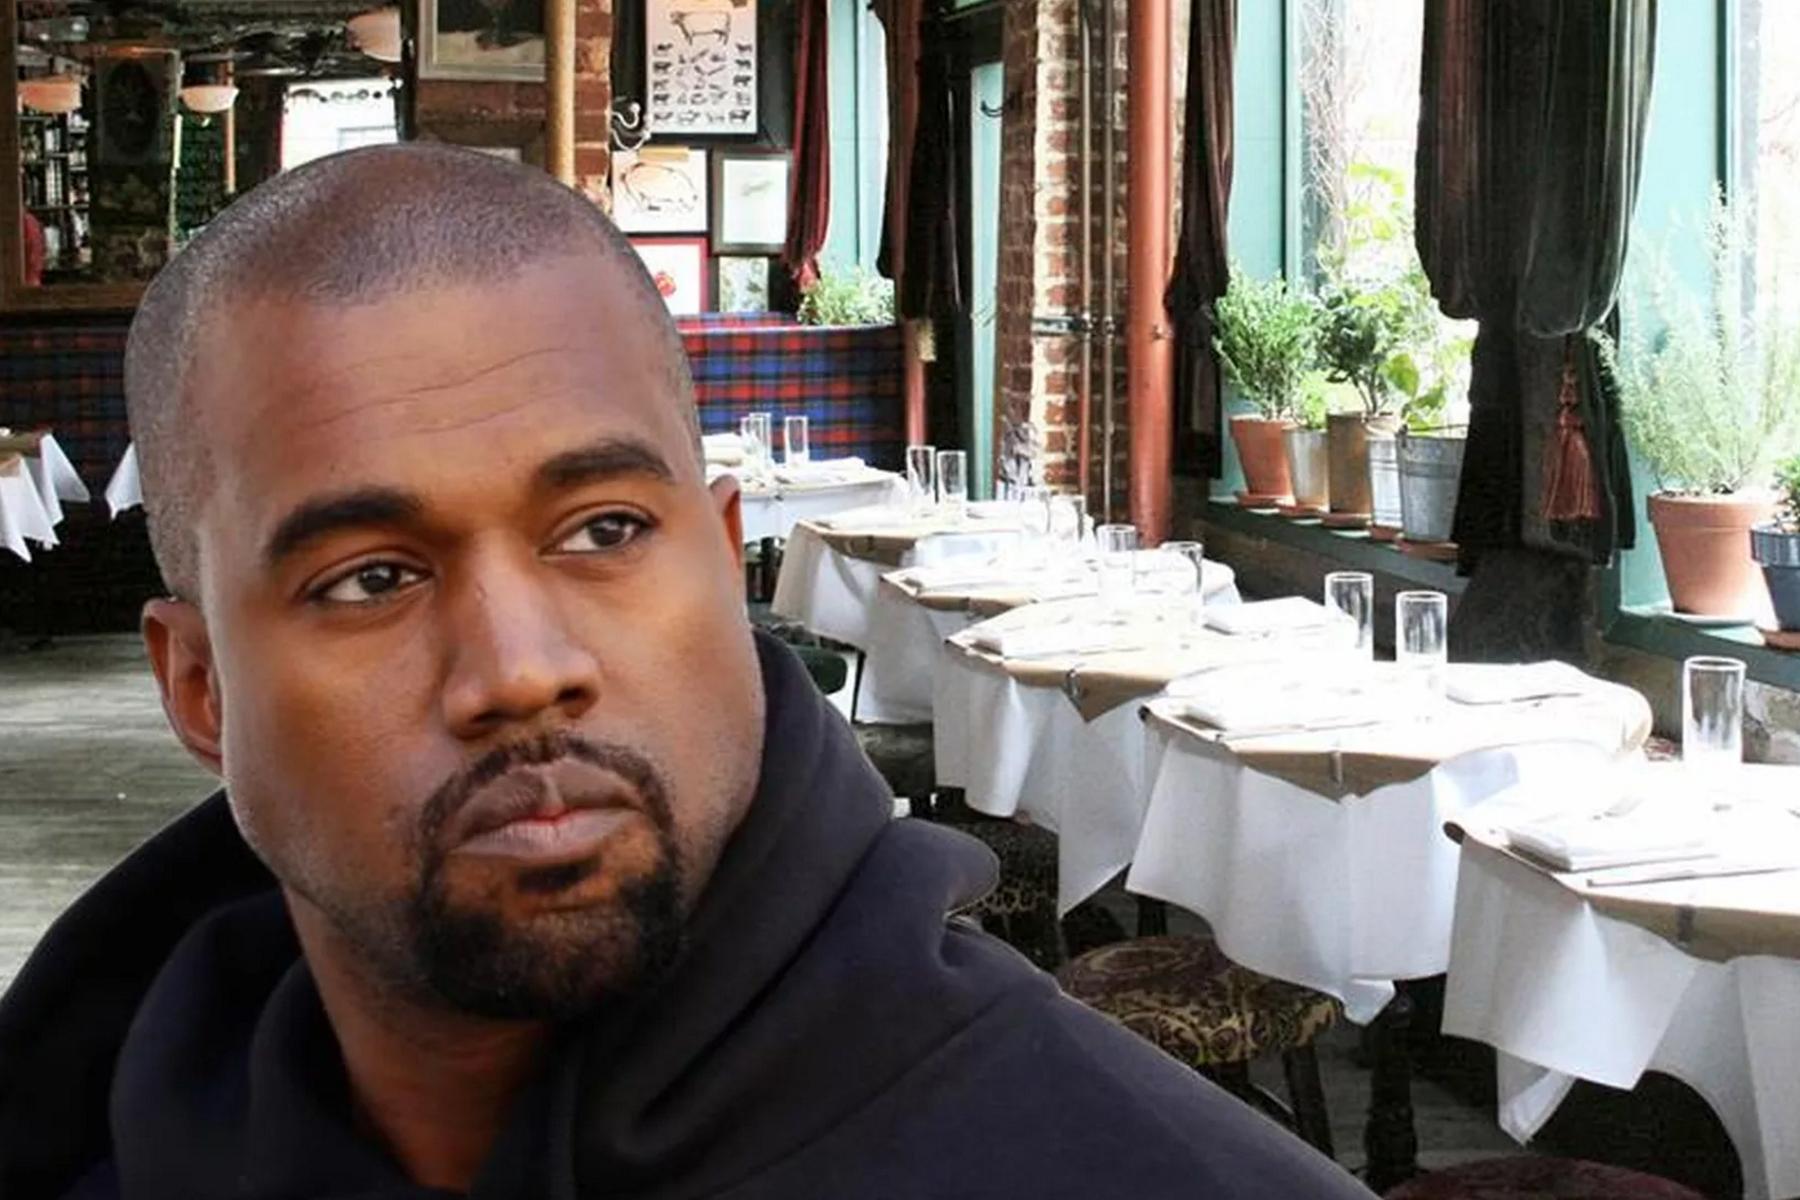 Kanye West Favorite Restaurants McDonalds List food Burger King Kim Kardashian West Frank Ocean Blonde - 1325490